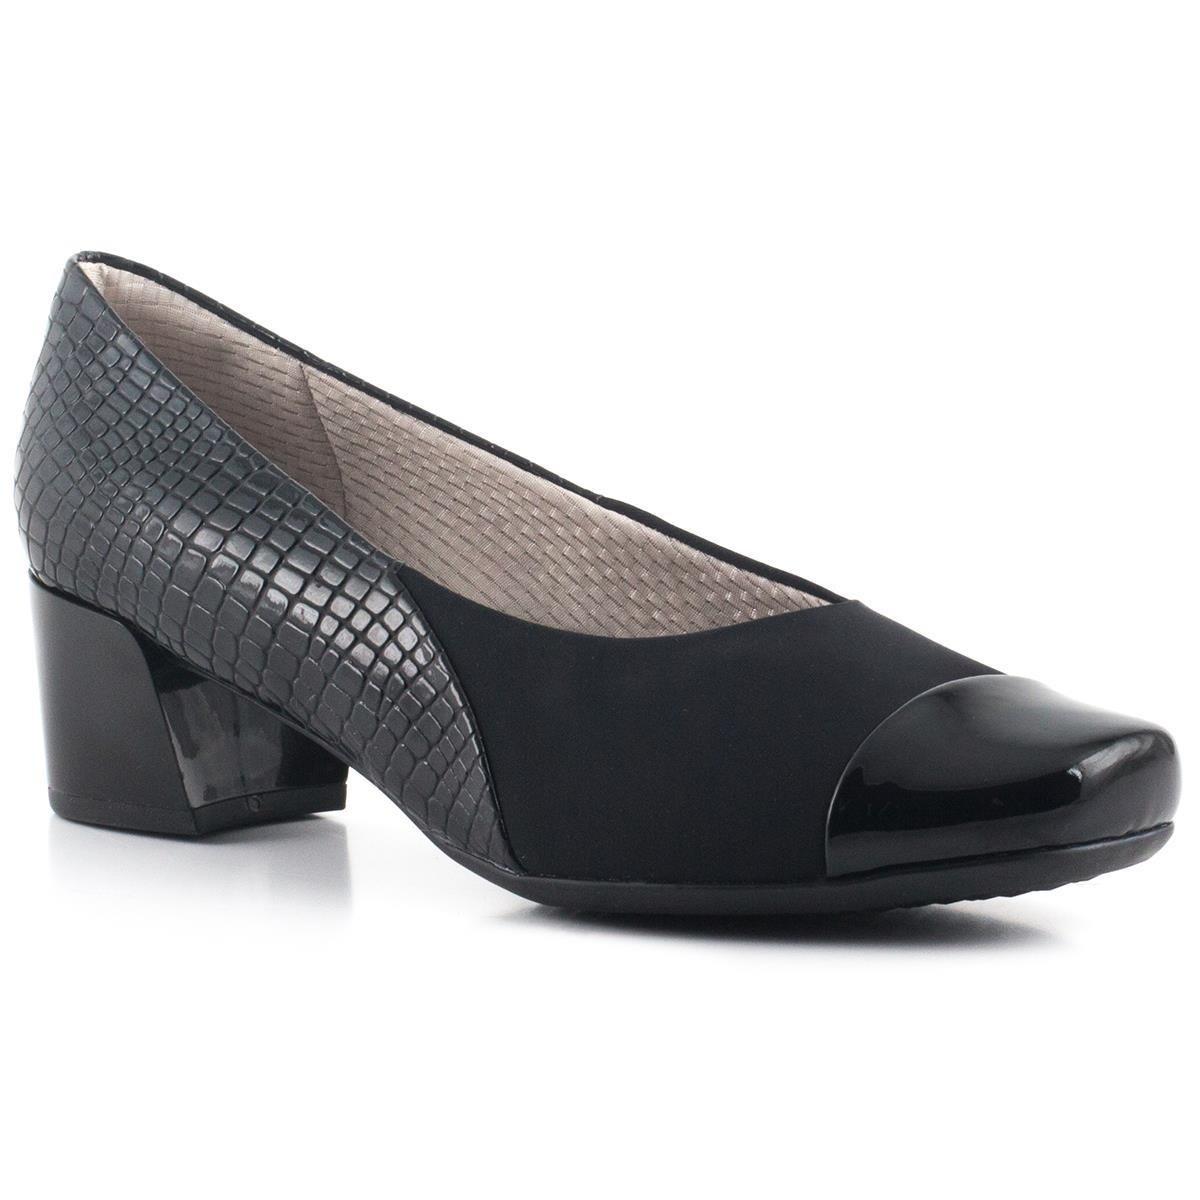 e7f89f6e5 Bizz Store - Sapato Feminino Piccadilly Para Joanete